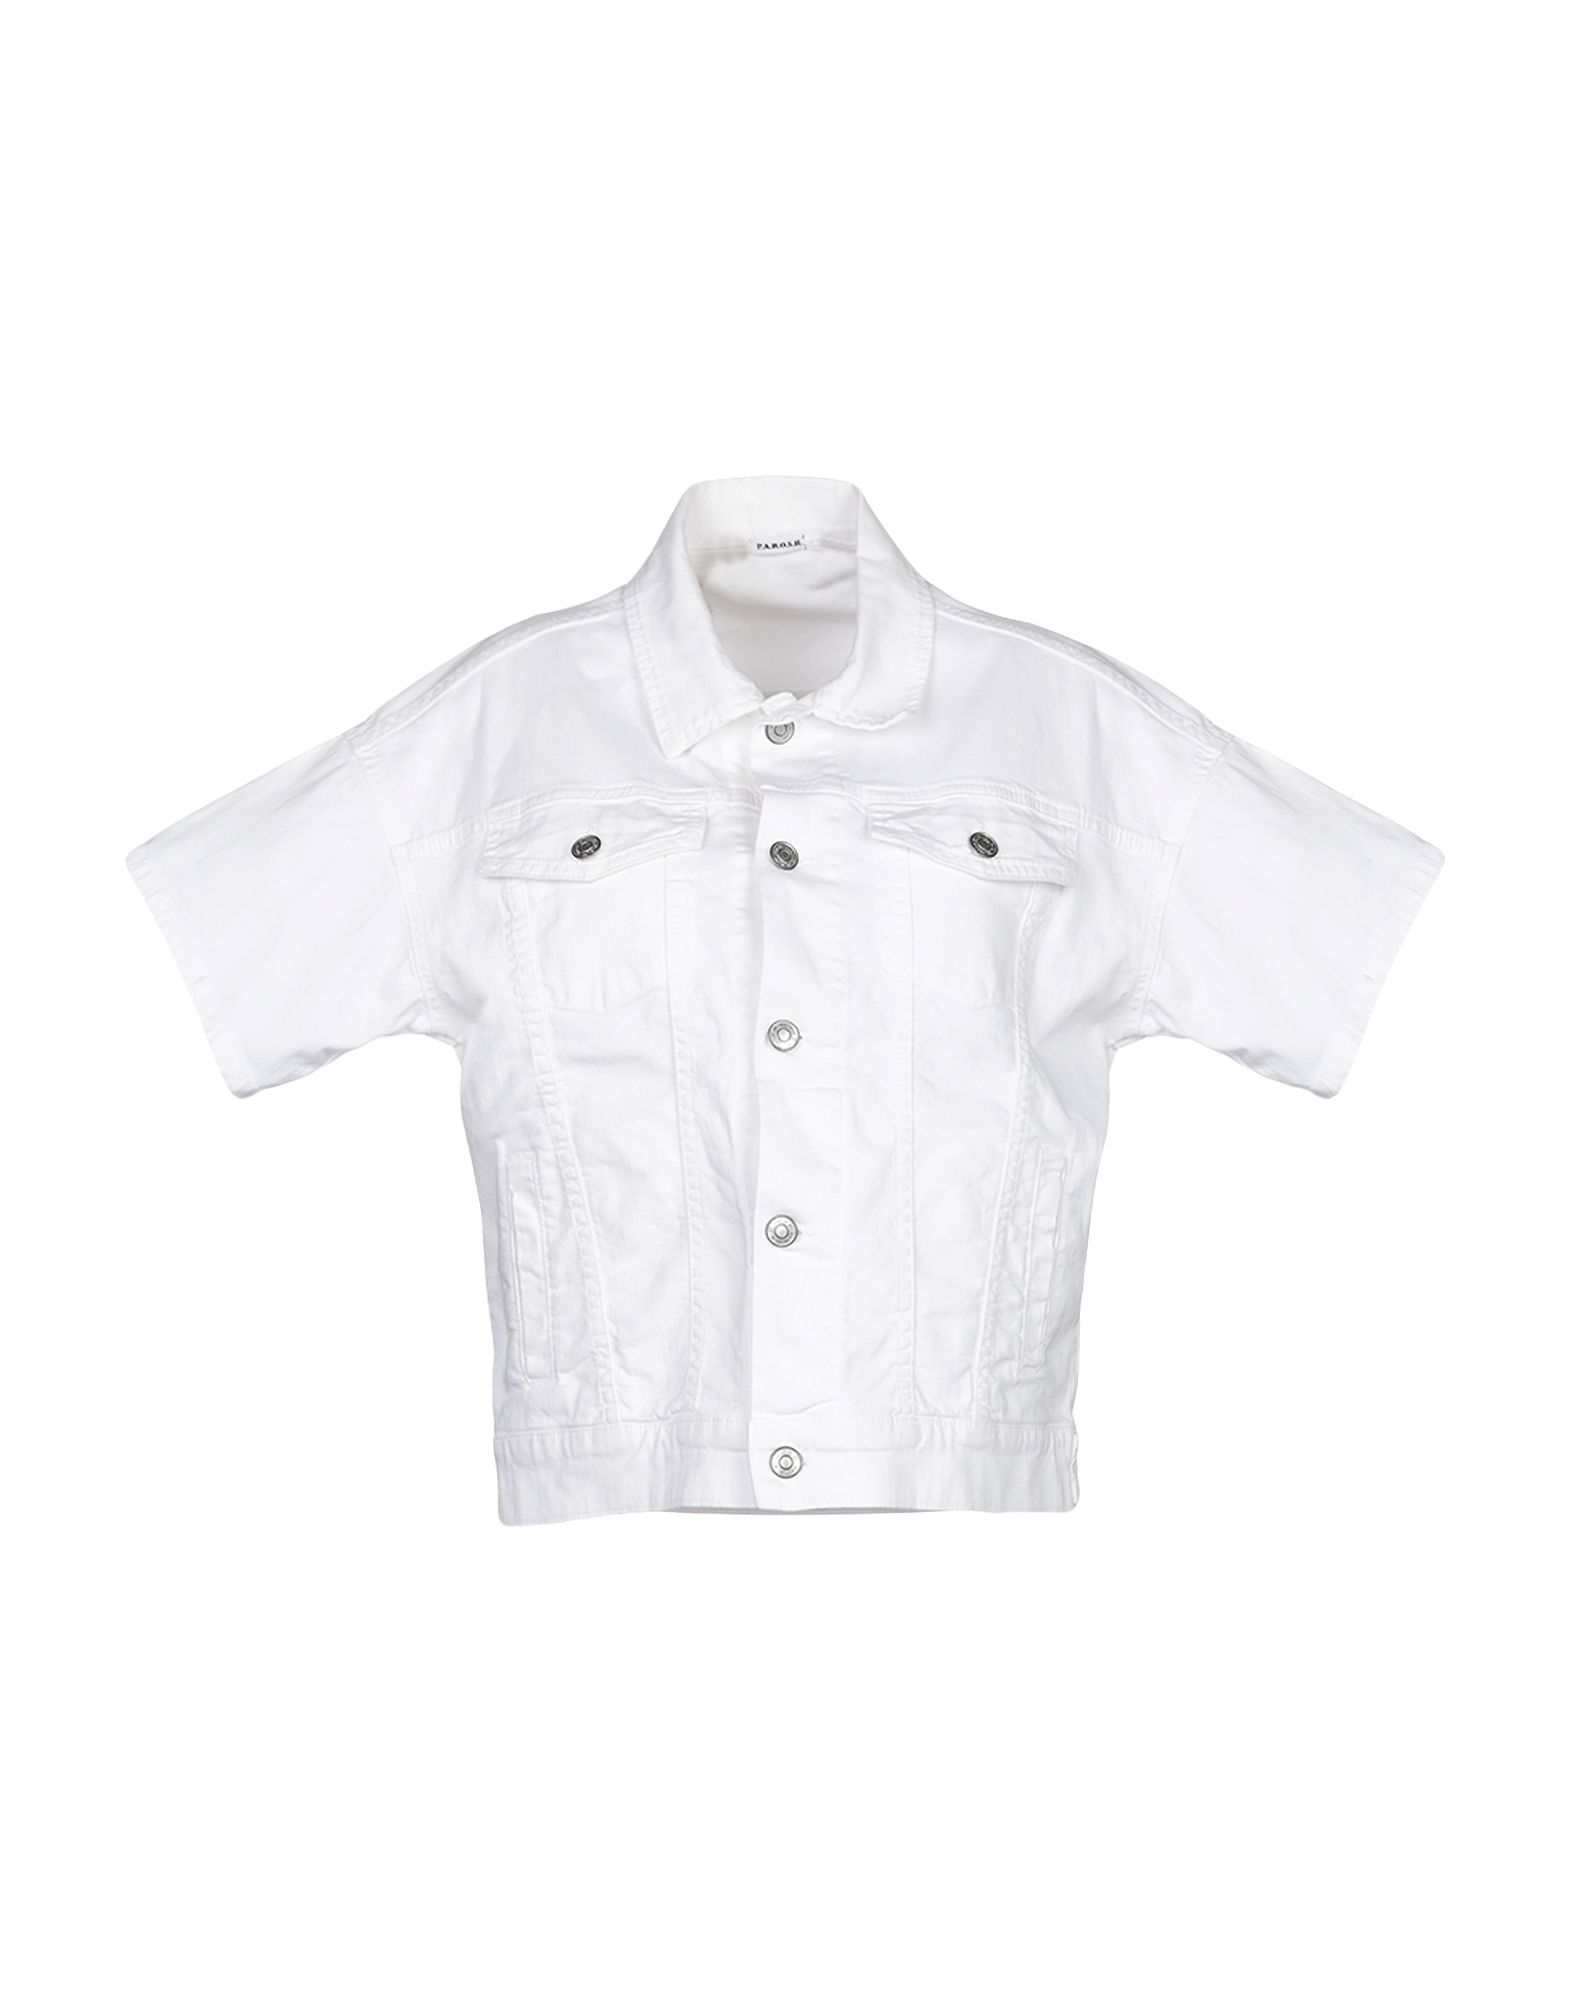 P.A.R.O.S.H. Джинсовая верхняя одежда